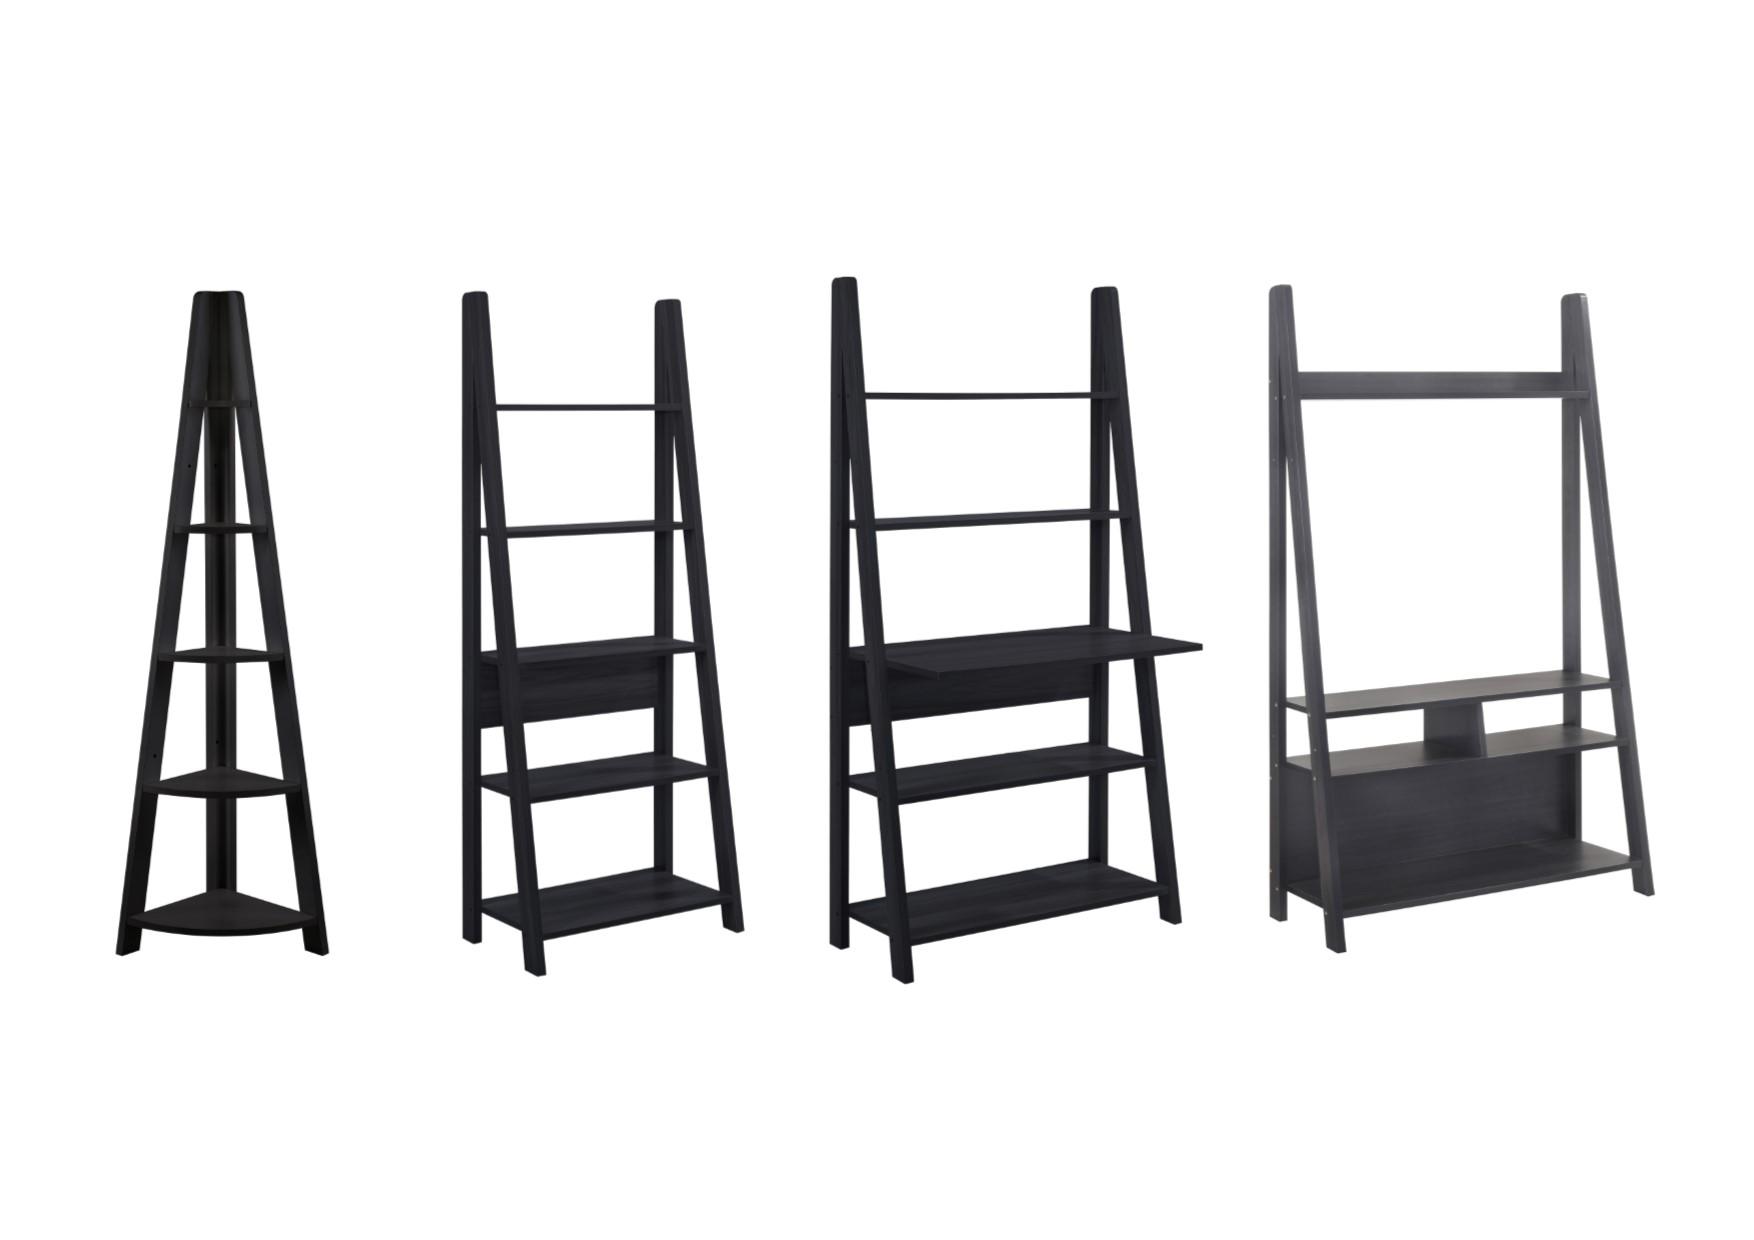 Details About Tiva Ladder Shelving And Desk Range Shelving Tv Unit Bookcase Desk Black